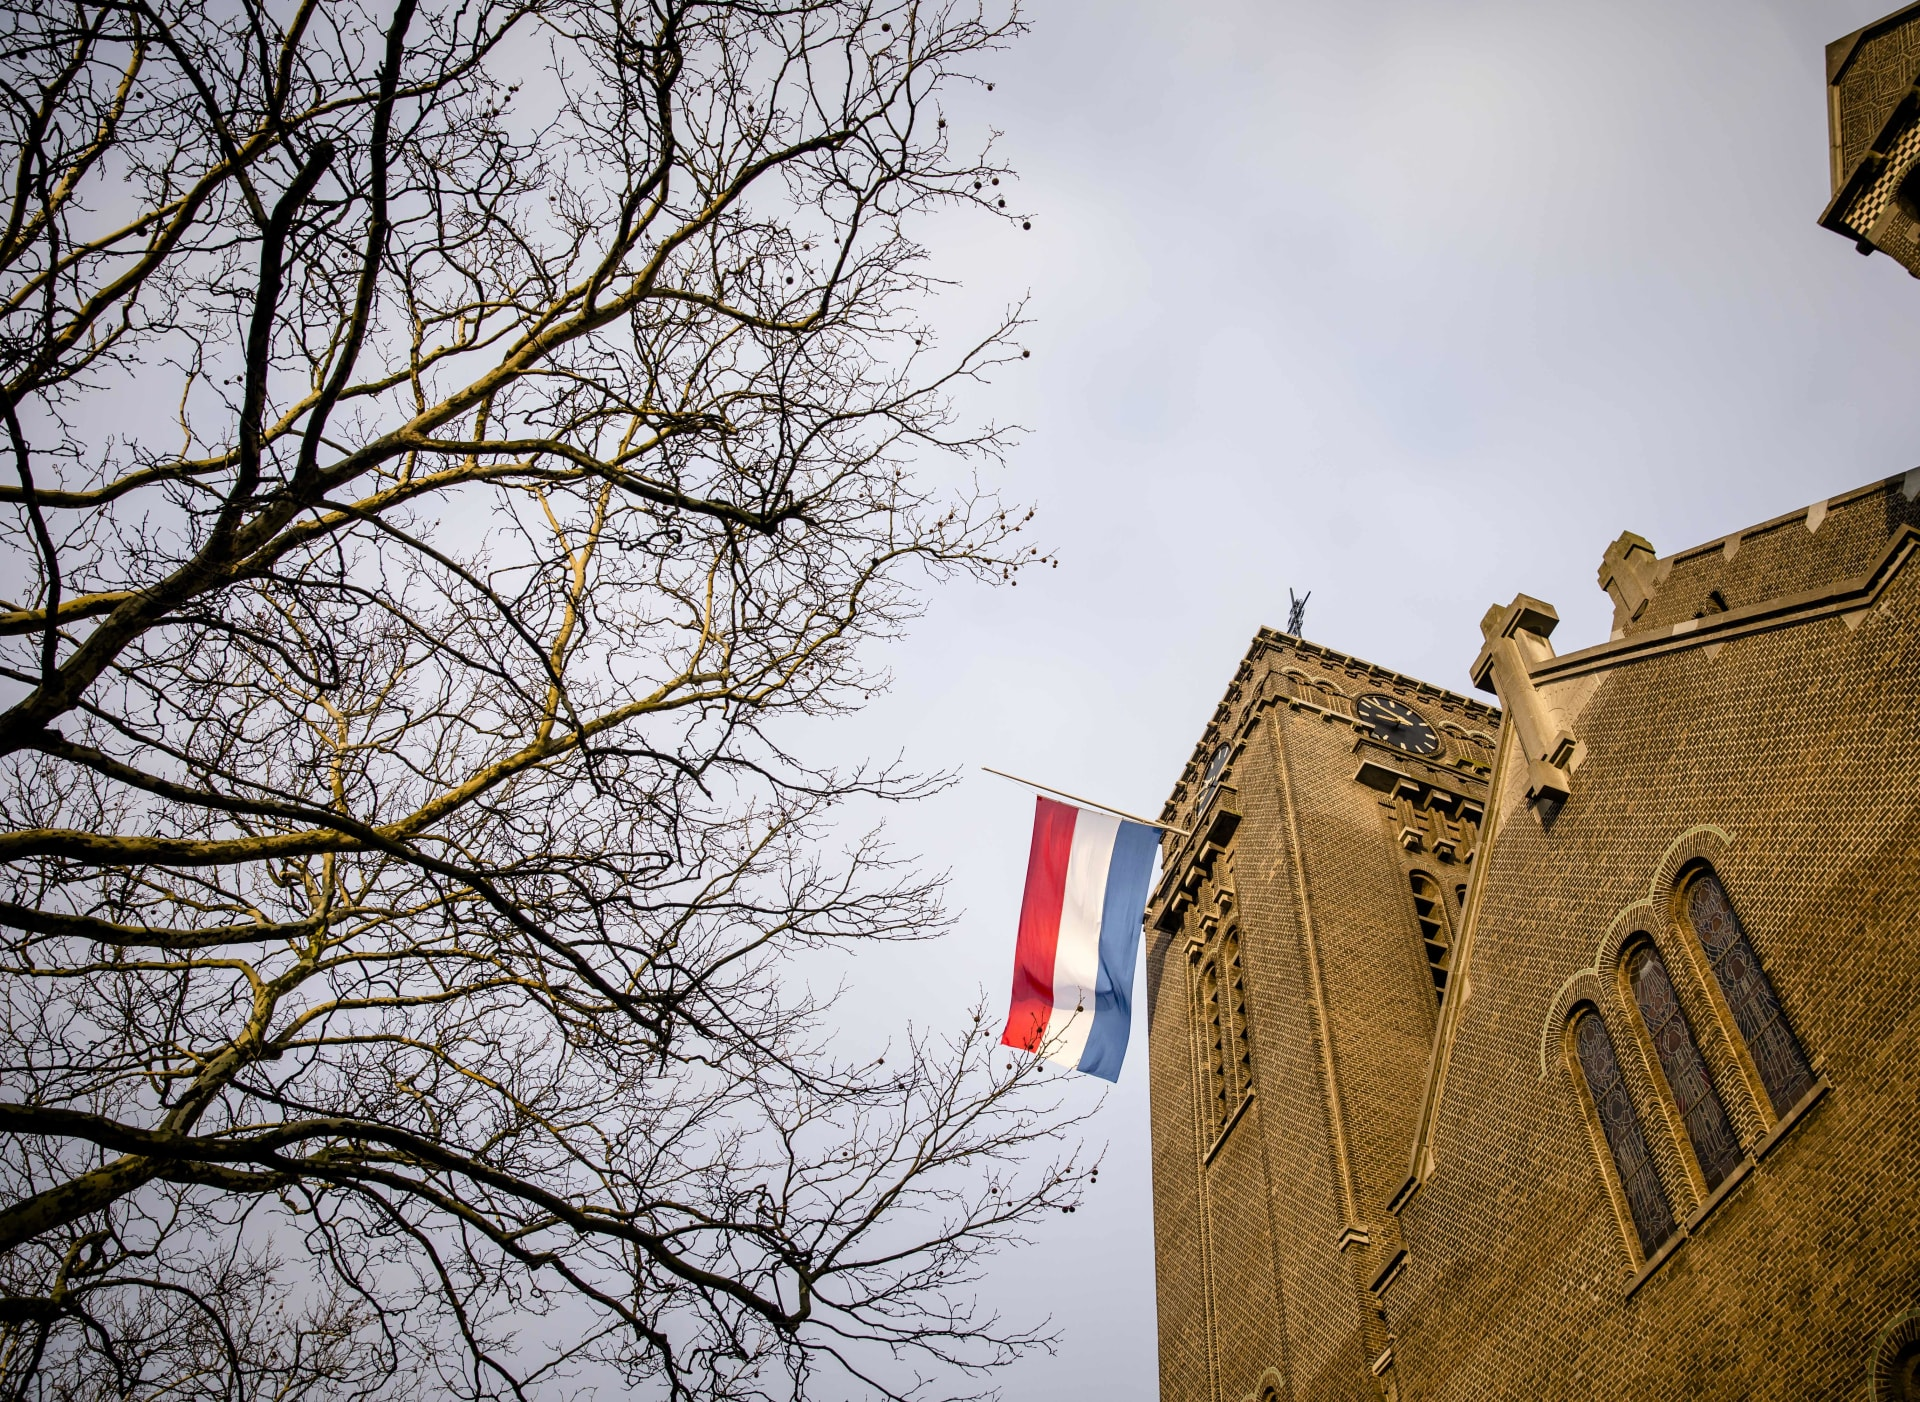 بعد الخطوة الهولندية لتحميلها مسؤولية انتهاكات حقوق الإنسان.. سوريا تتهم أمستردام بدعم الإرهاب